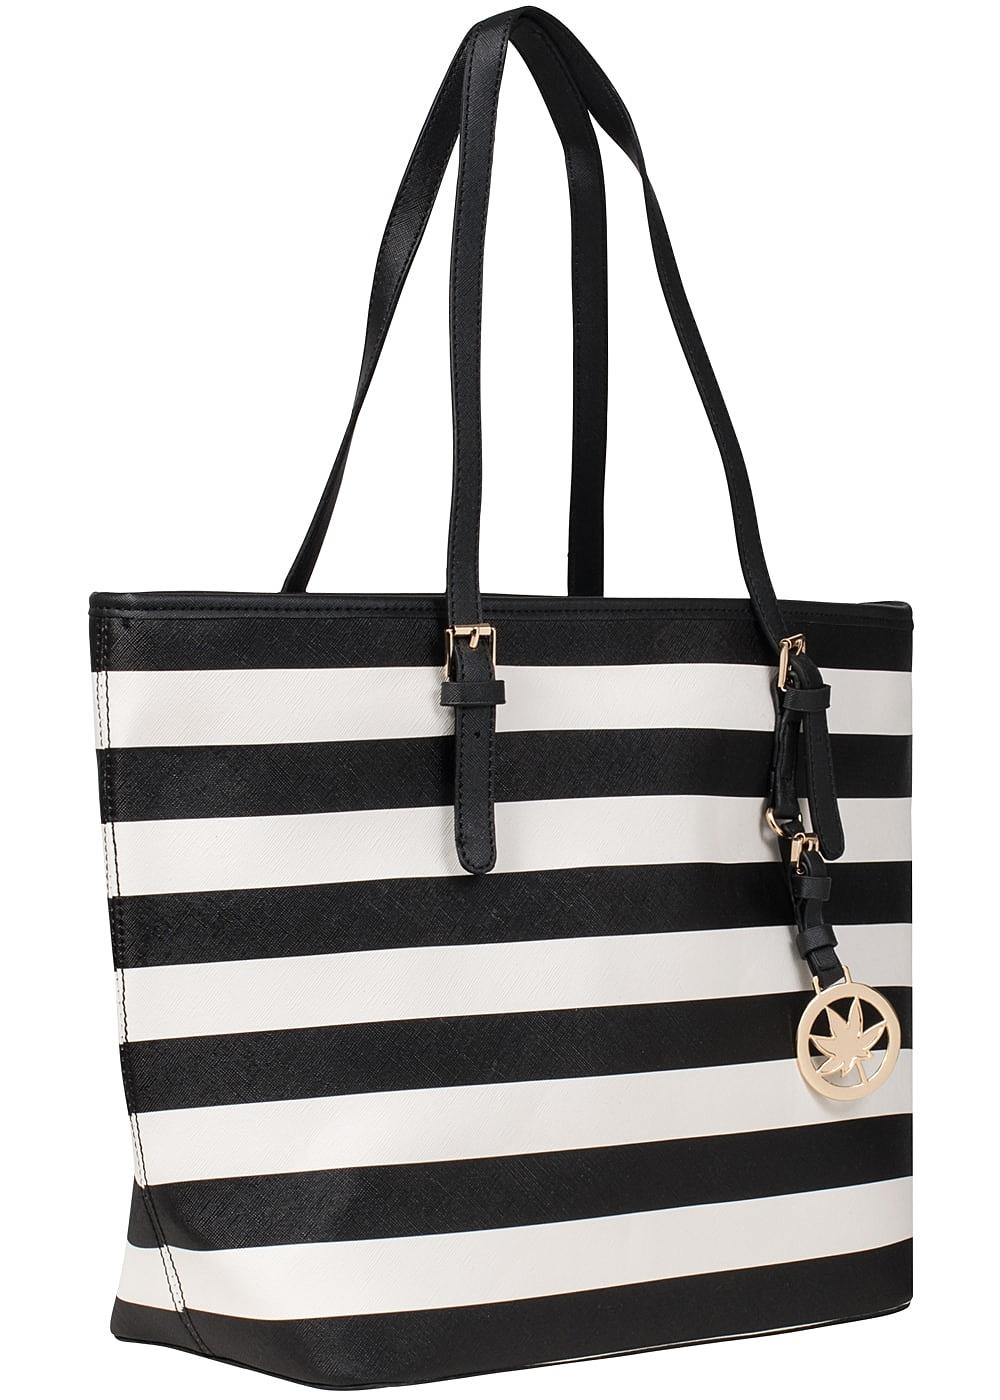 Styleboom Fashion Damen Handtasche schwarz weiss 77onlineshop